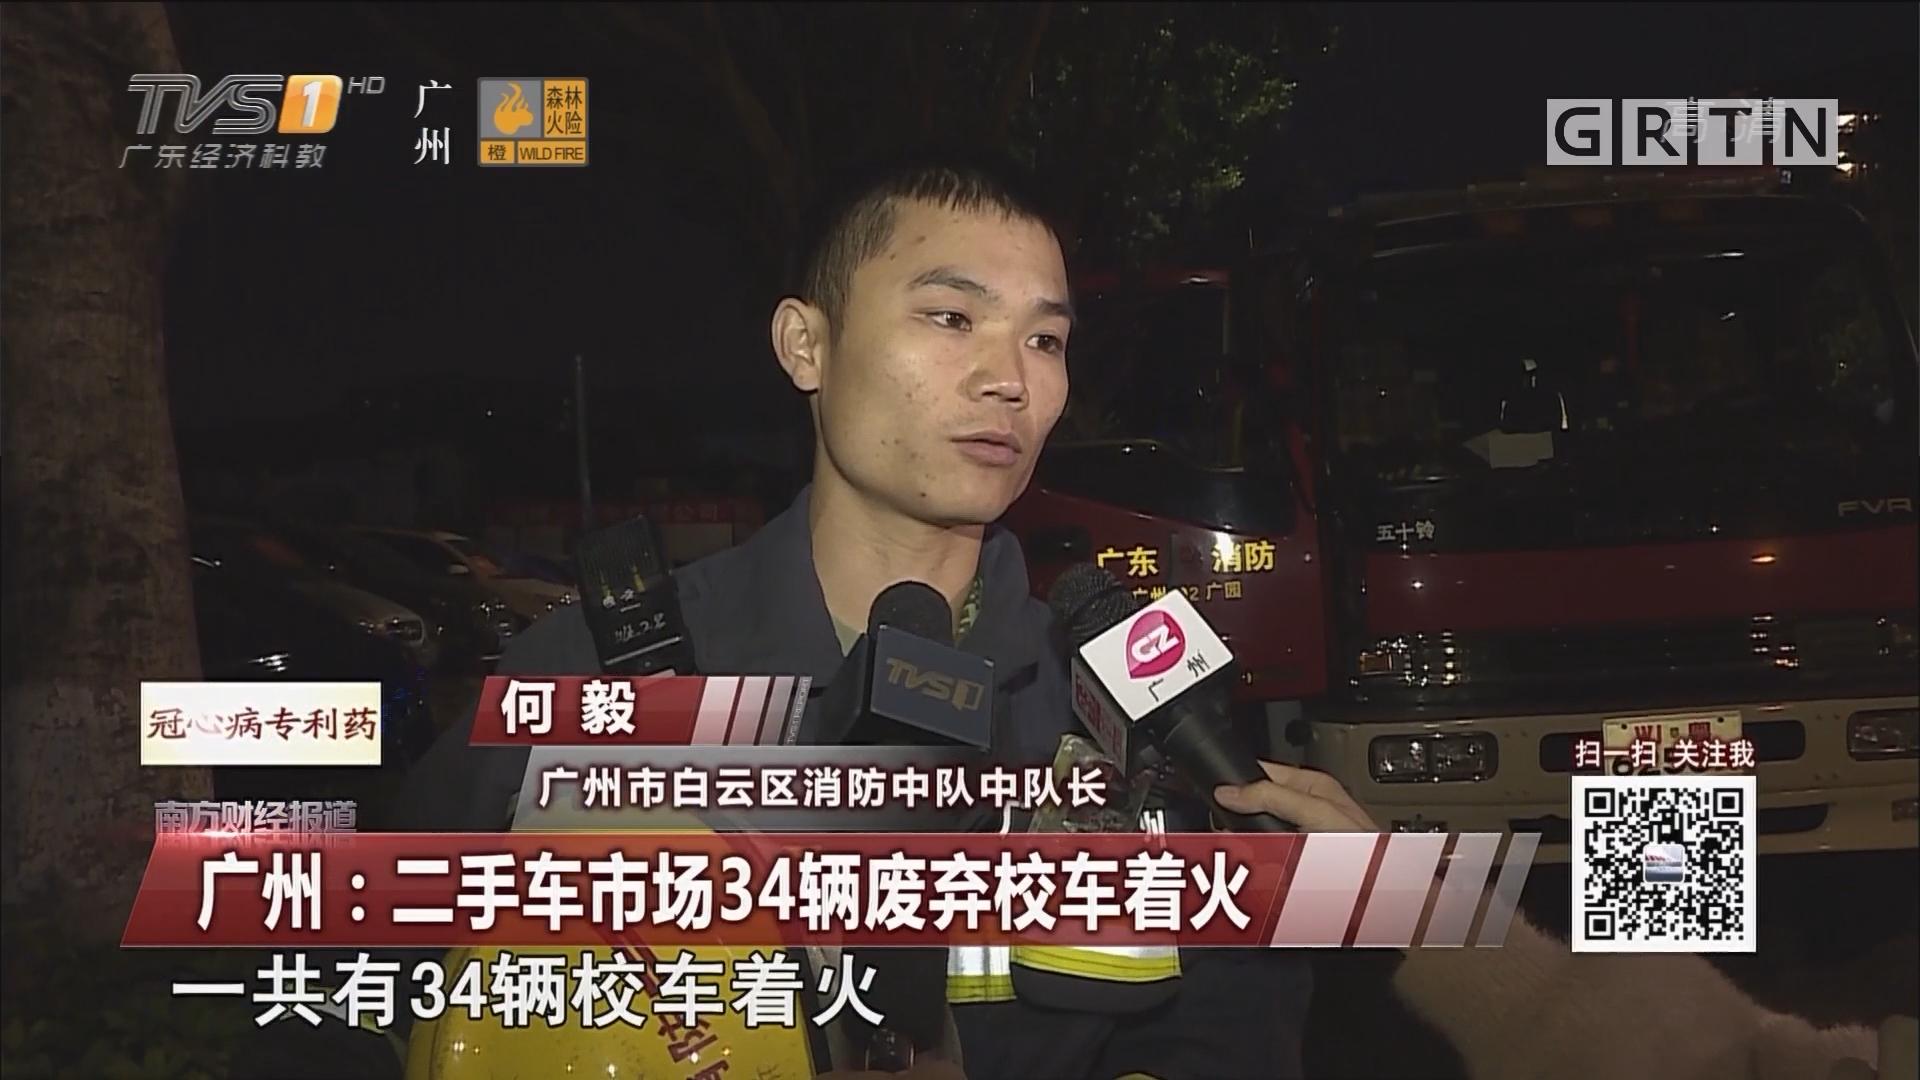 广州:二手车市场34辆废弃校车着火